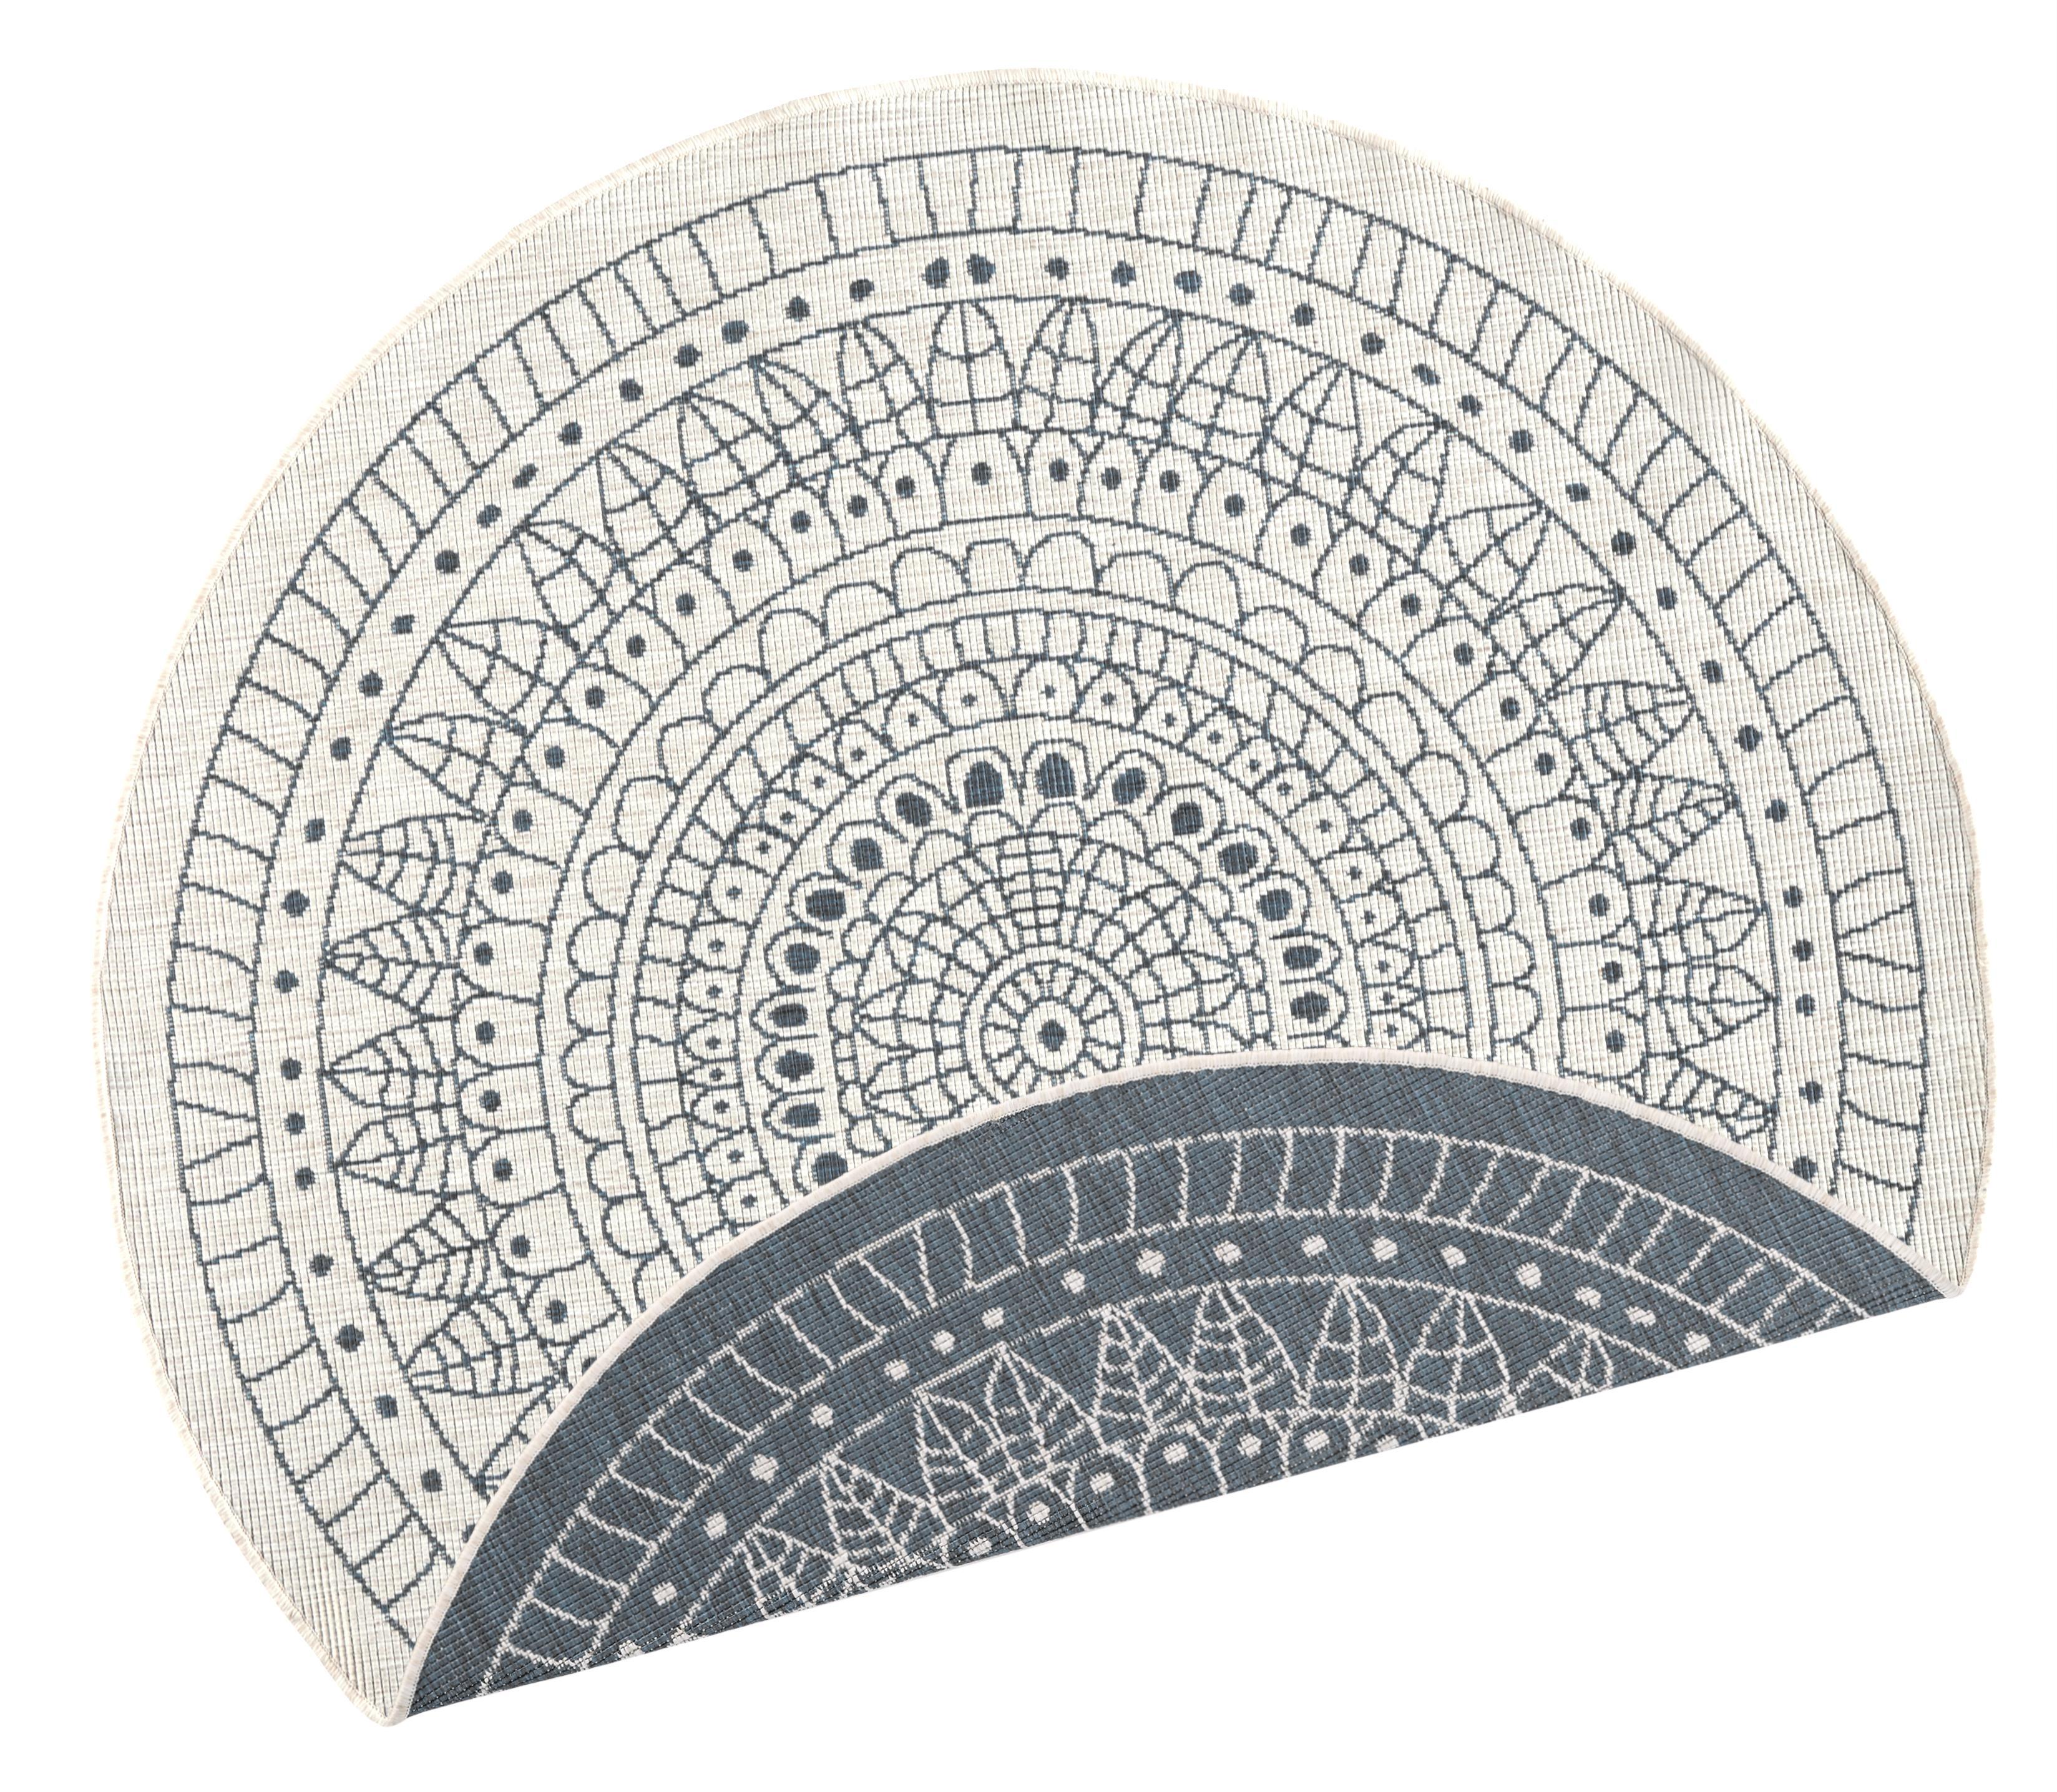 Runder In- & Outdoor-Wendeteppich Porto in Grau/Creme, gemustert, Grau, Cremefarben, Ø 140 cm (Größe M)